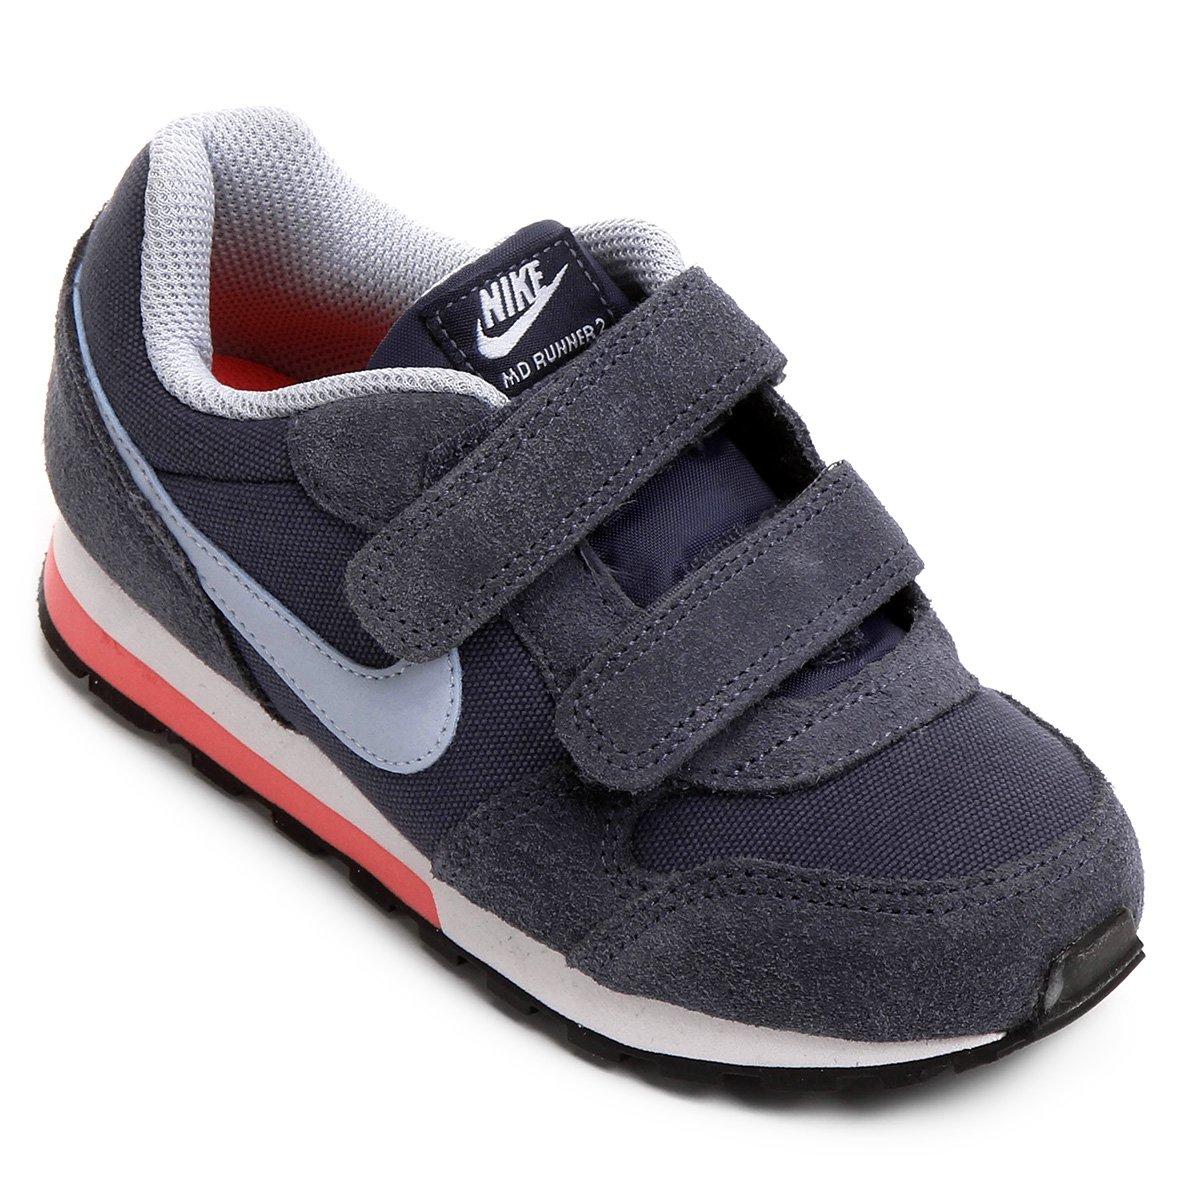 89b2d50fe30c9 Tênis Infantil Nike Md Runner 2 Feminino - Marinho e Azul - Compre Agora